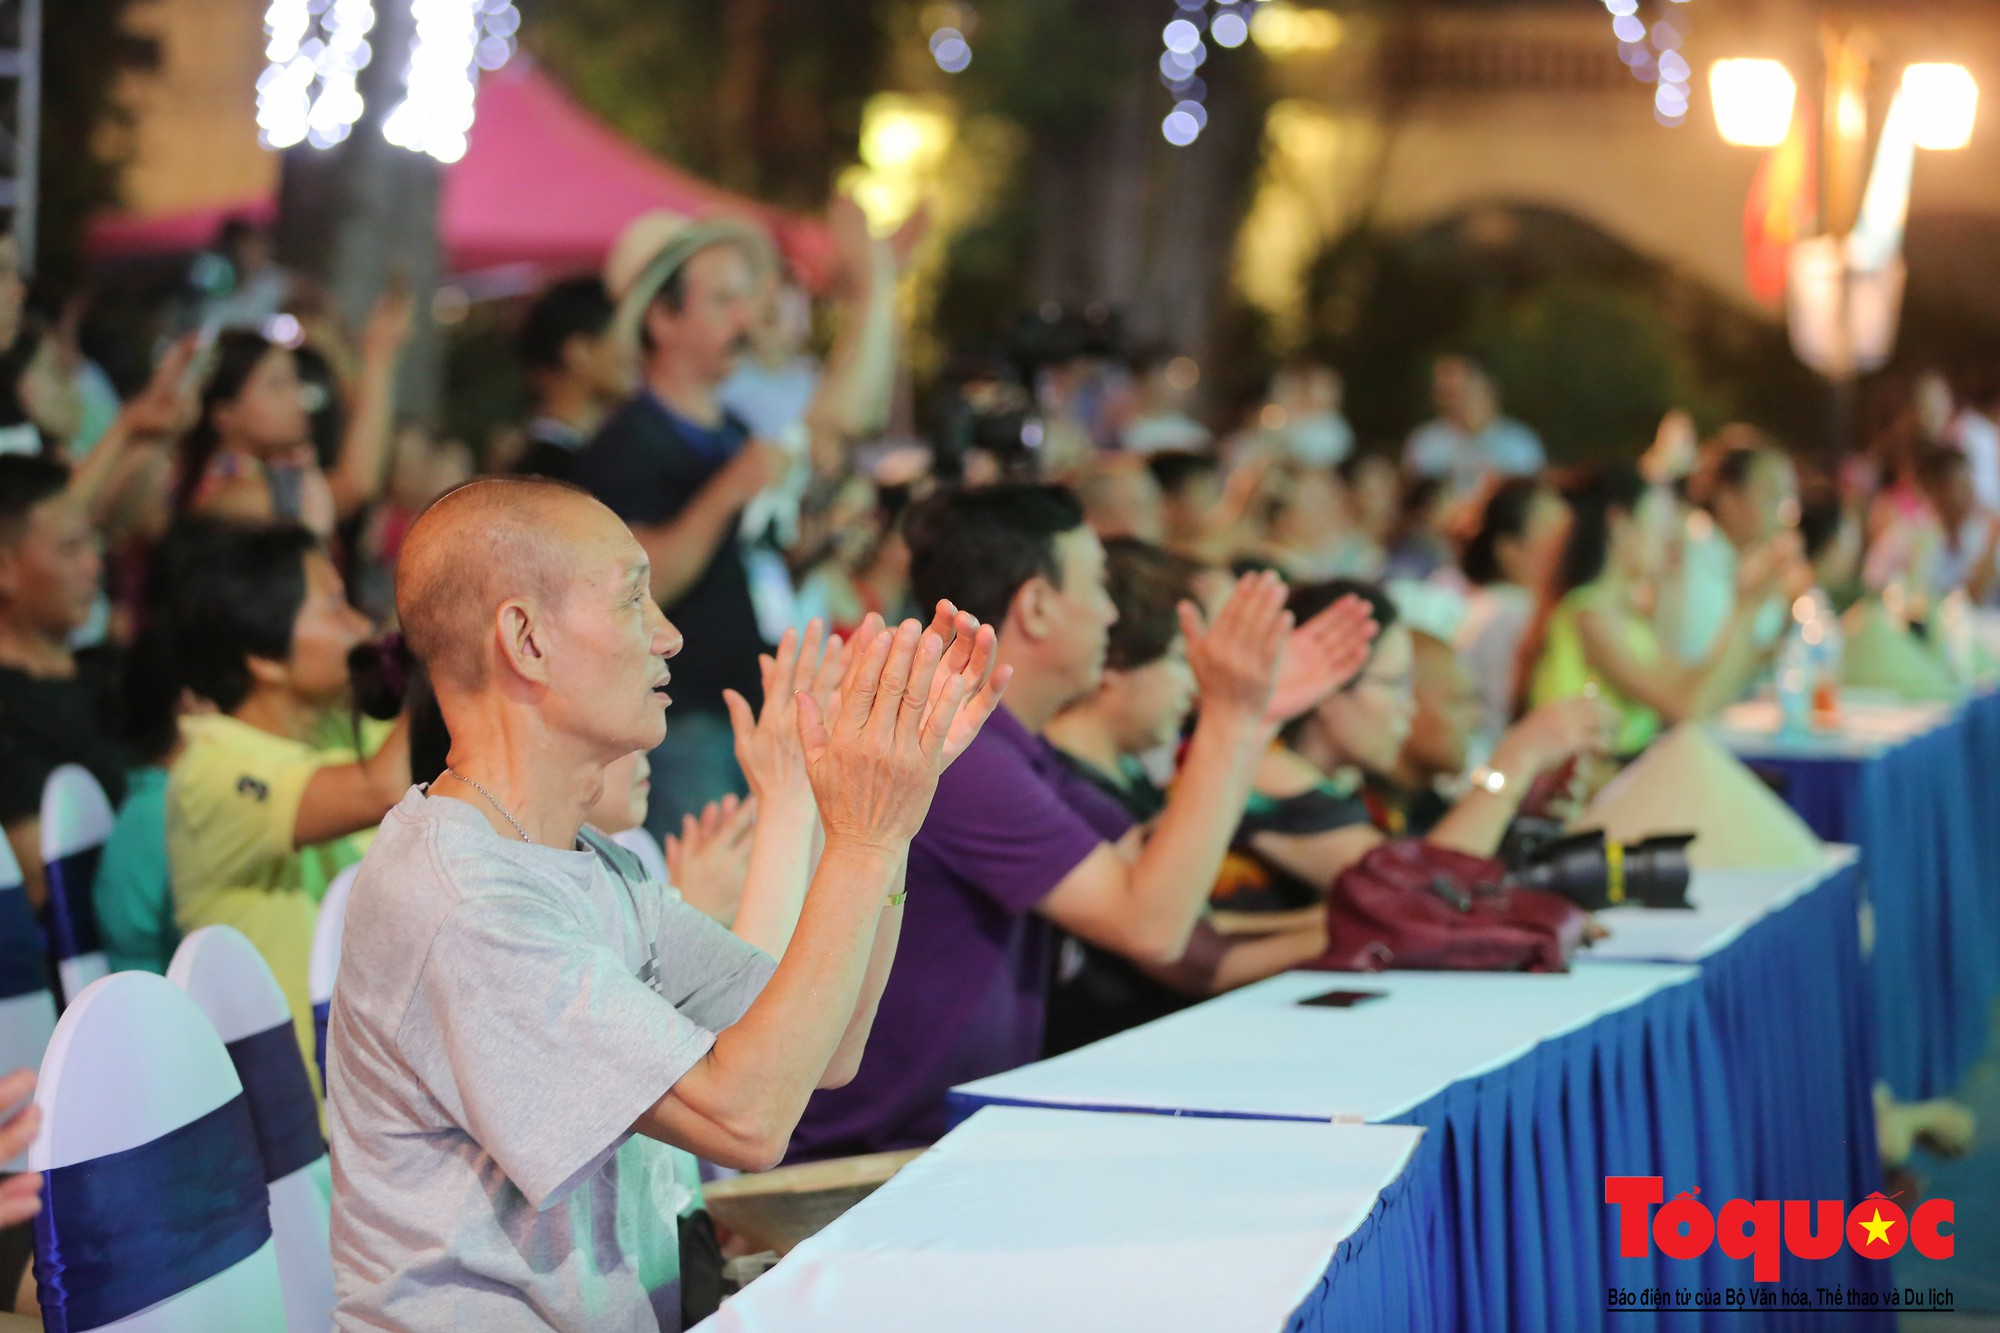 """Ấn tượng chương trình nghệ thuật kỷ niệm 20 năm Hà Nội - """"Thành phố Vì hòa bình"""" - Ảnh 14."""